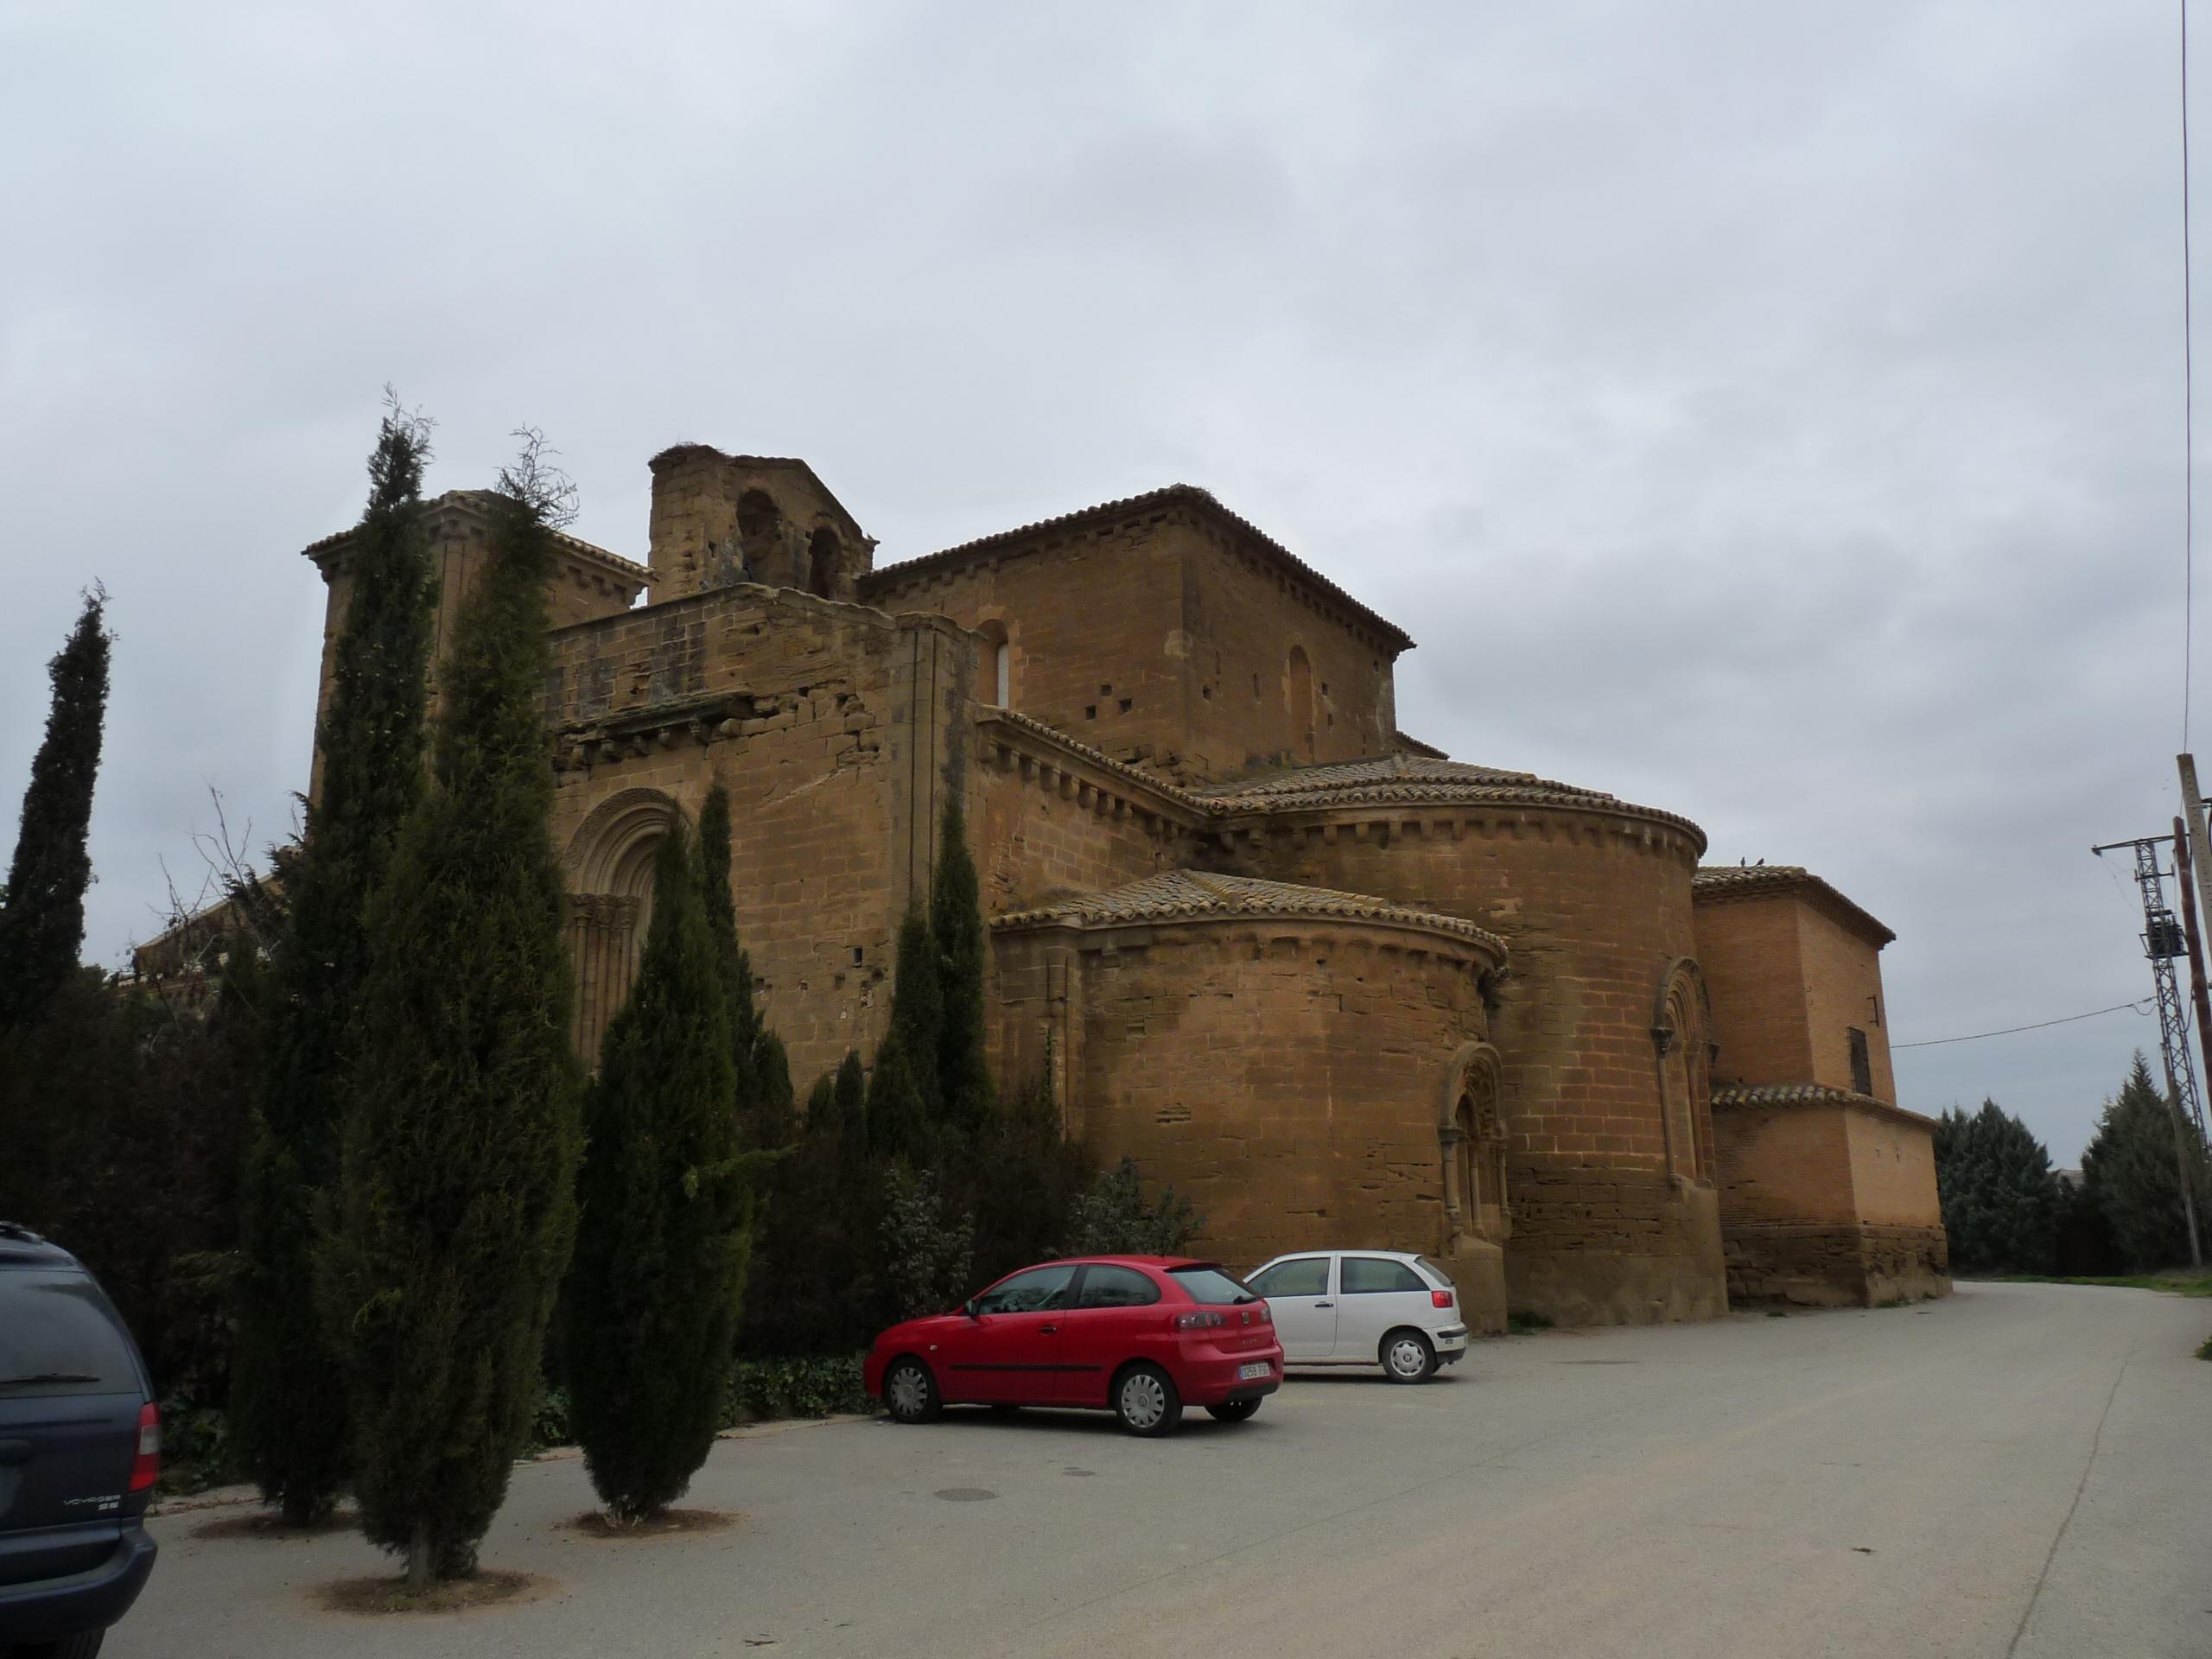 Villanueva de Sigena